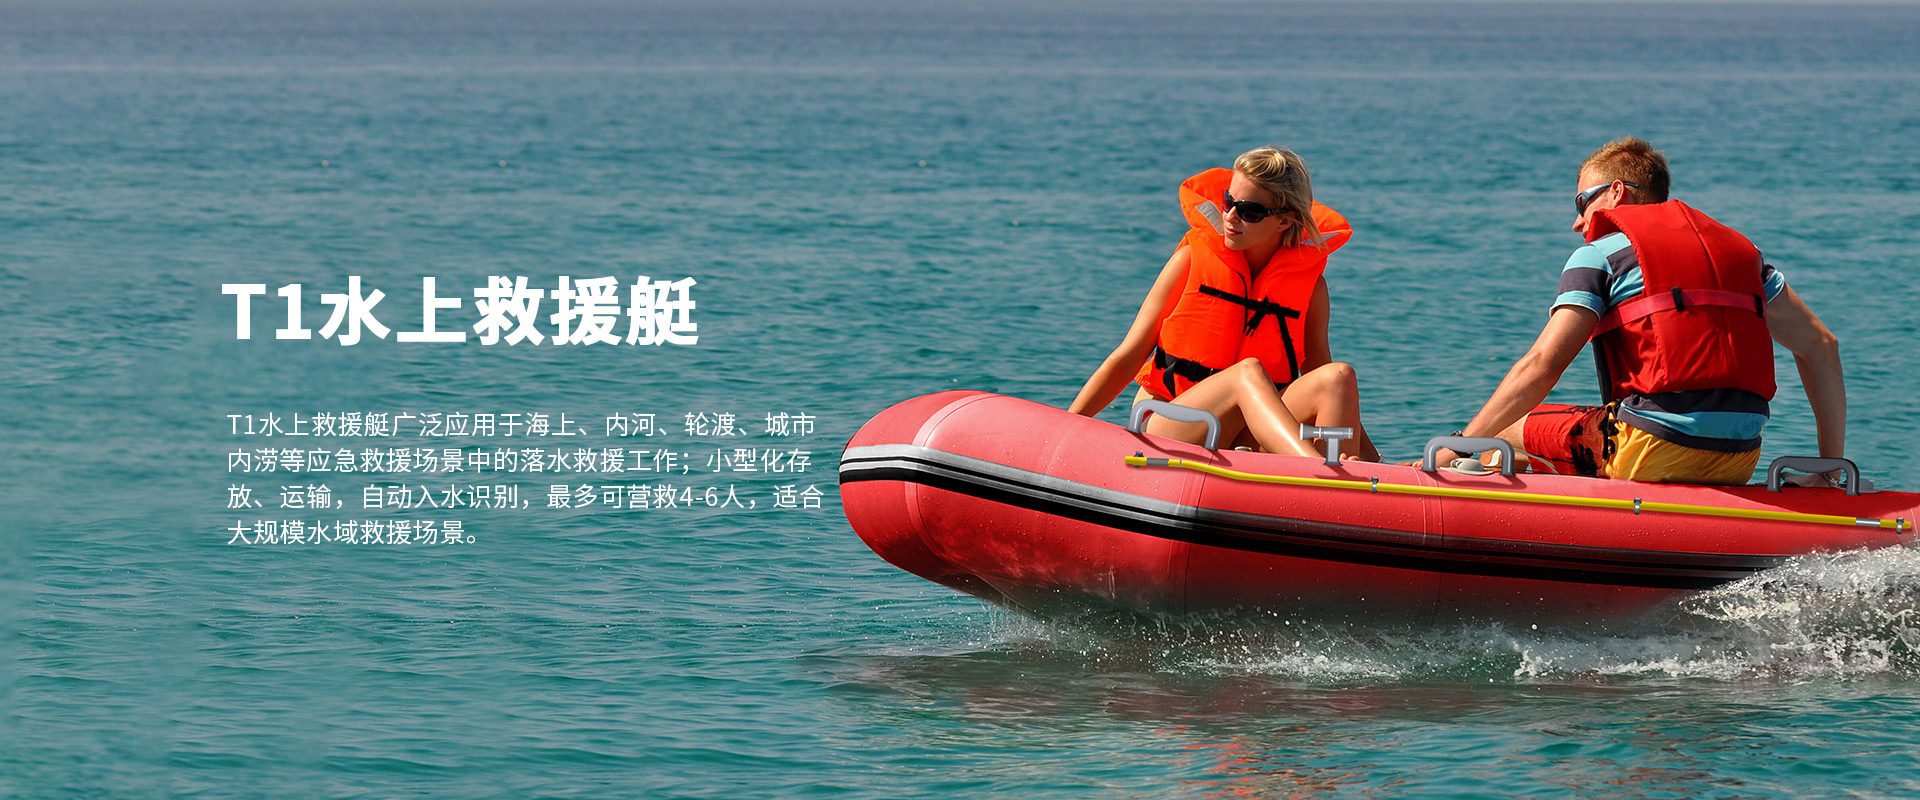 T1水上救援艇